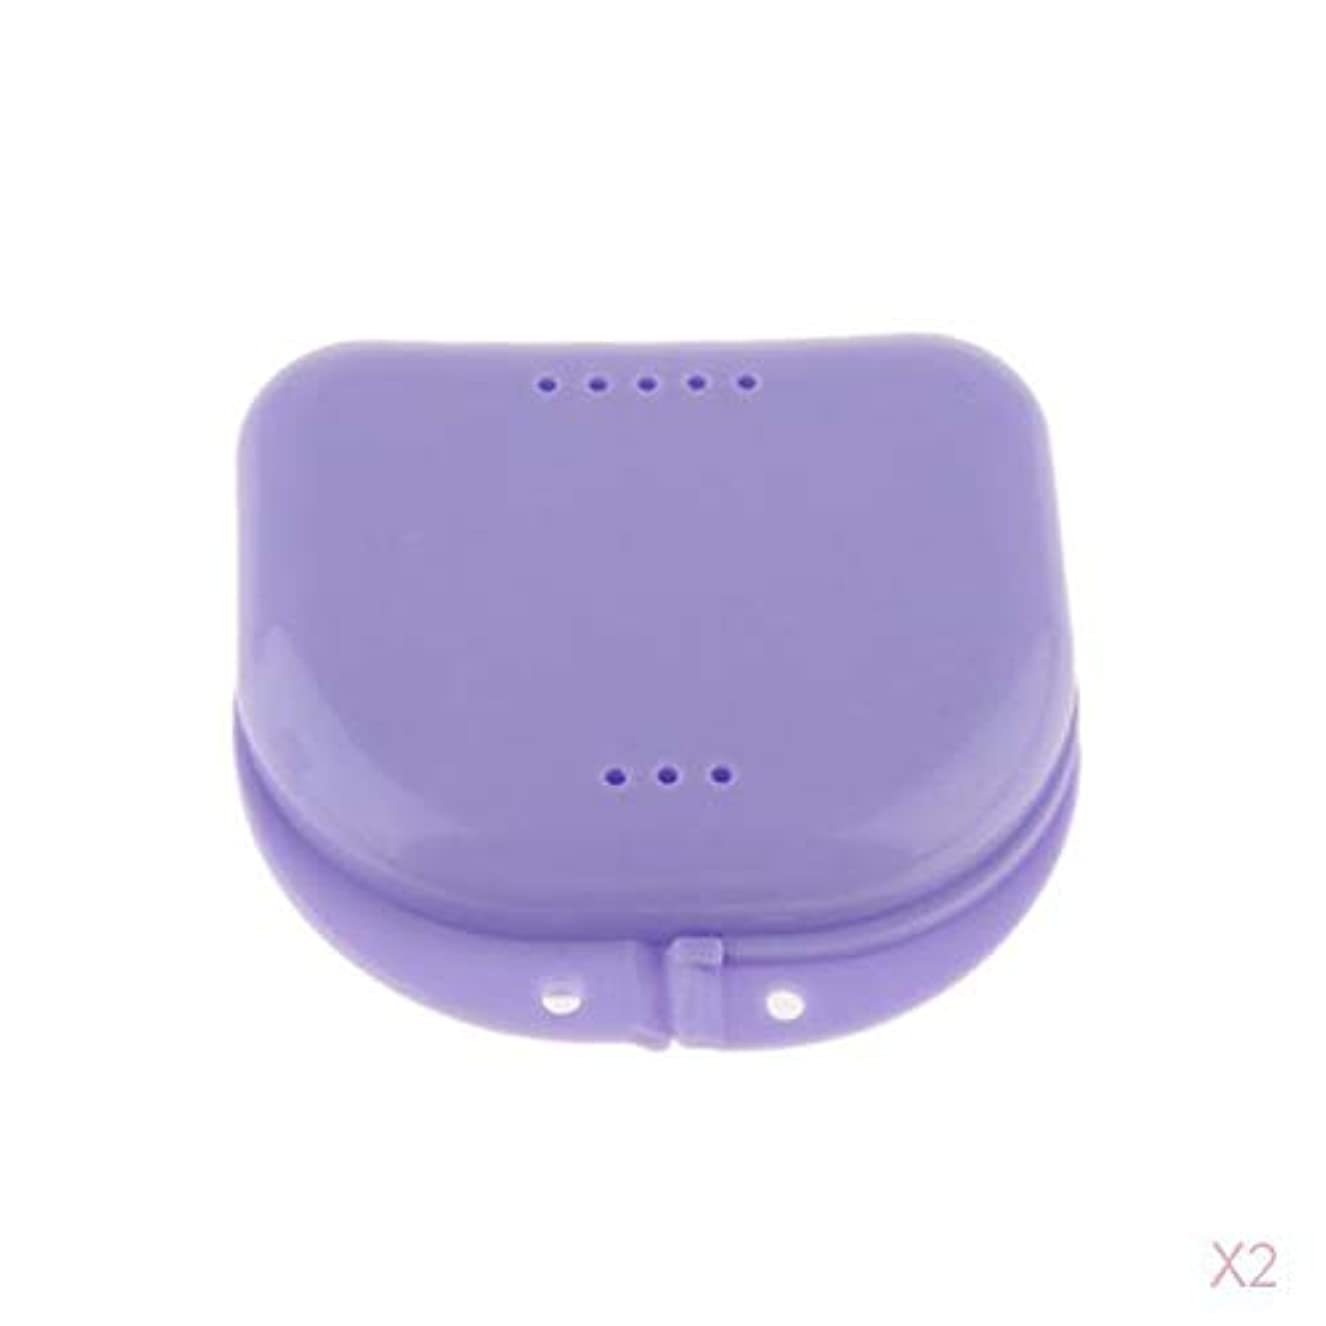 ゲージ要求する柱入れ歯収納 入れ歯ケース 義歯ケース 義歯ボックス 義歯収納容器 リテーナーボックス 携帯便利